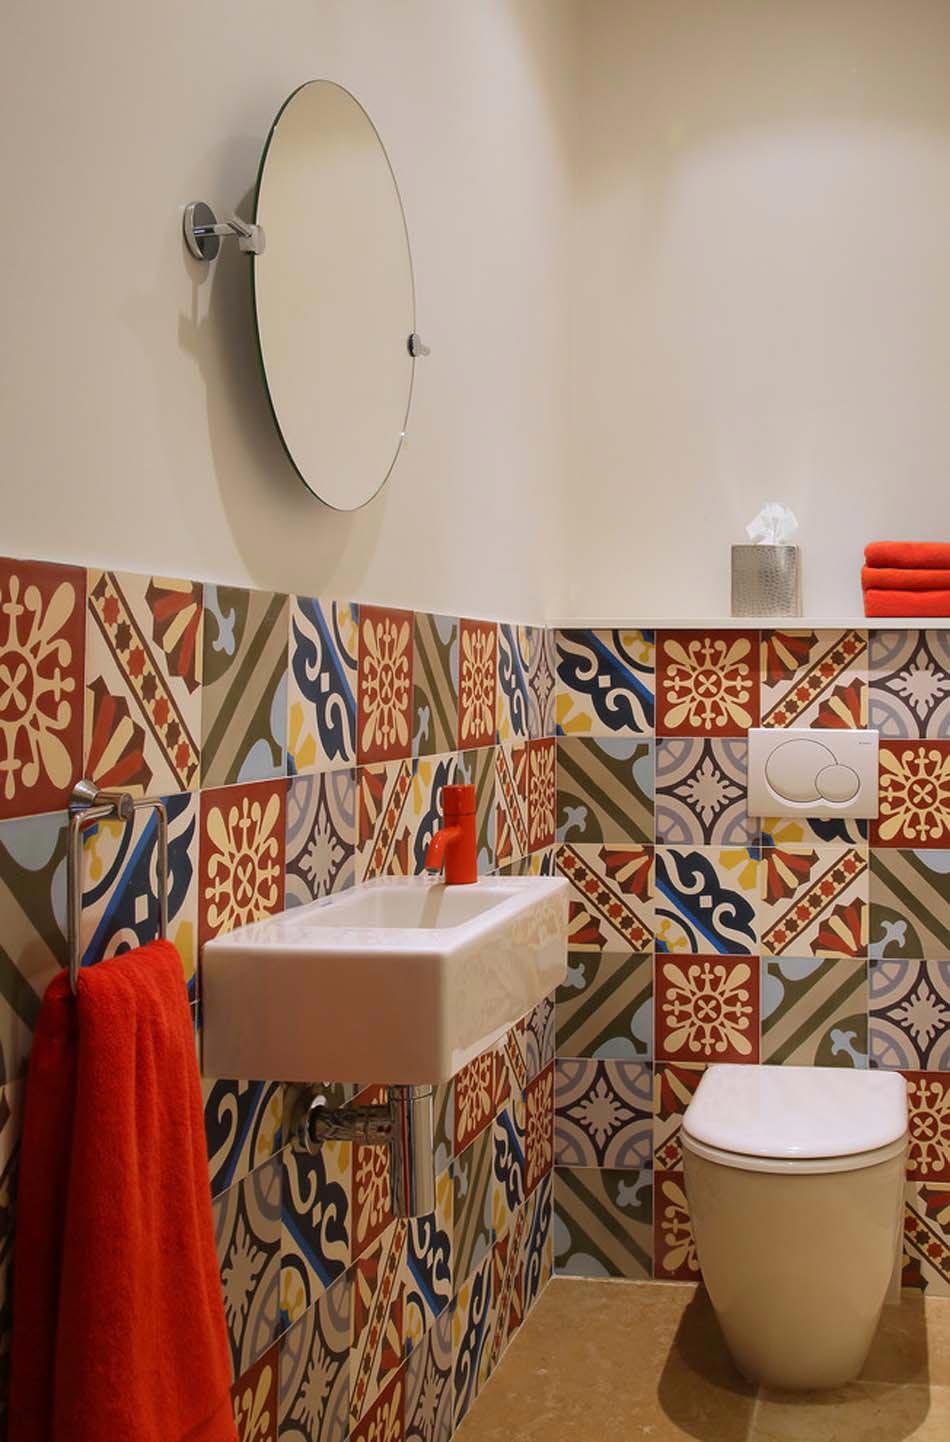 des wc originaux grce leur carrelage mural extrmement colors